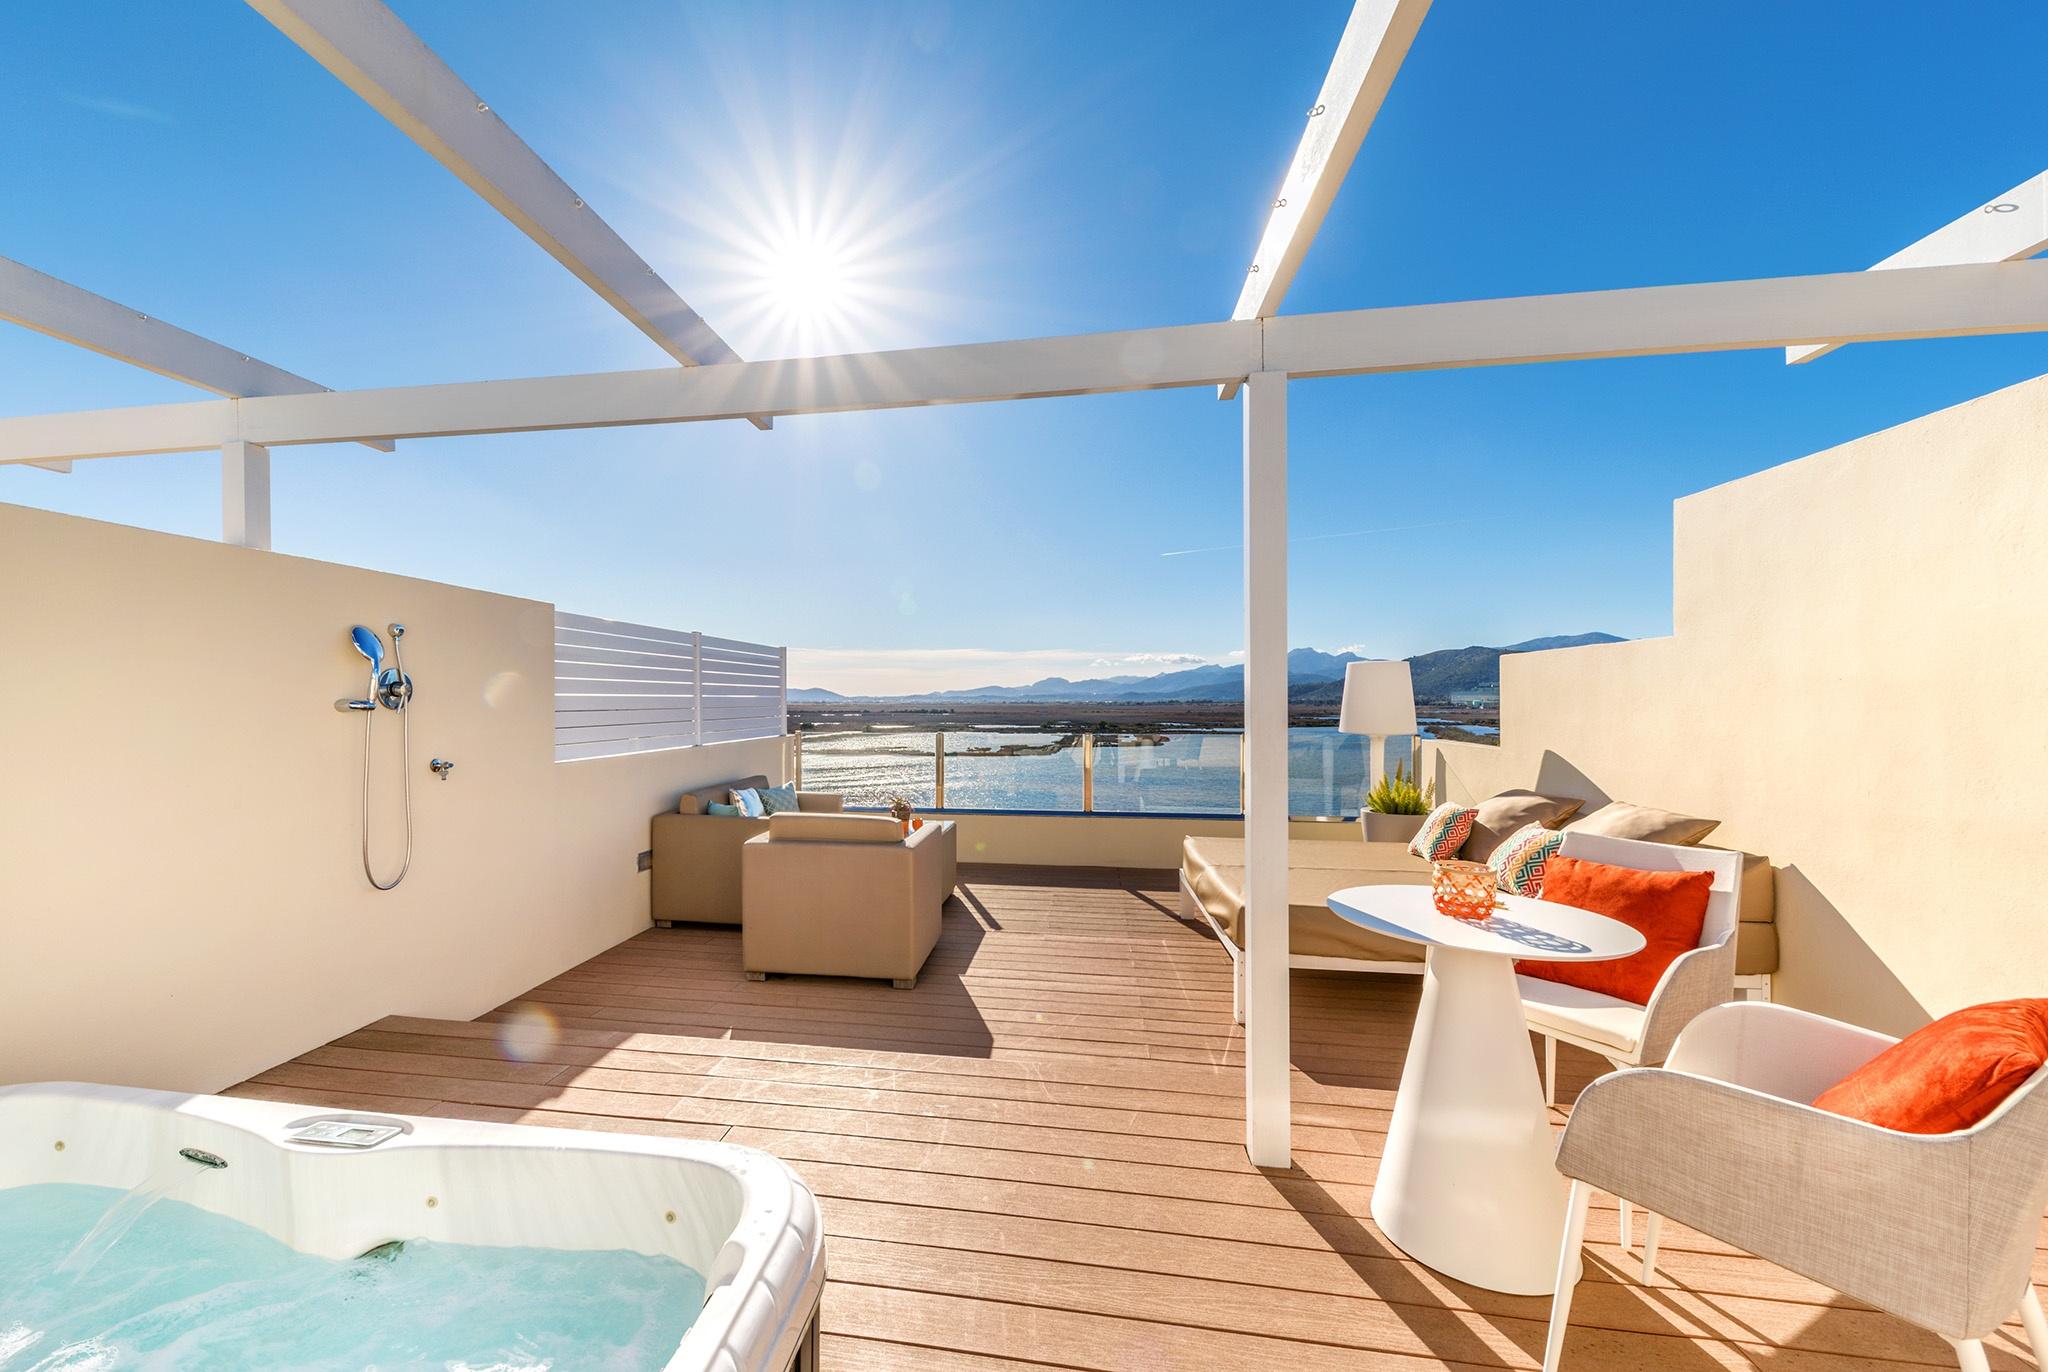 roya terrace viva blue3.jpg